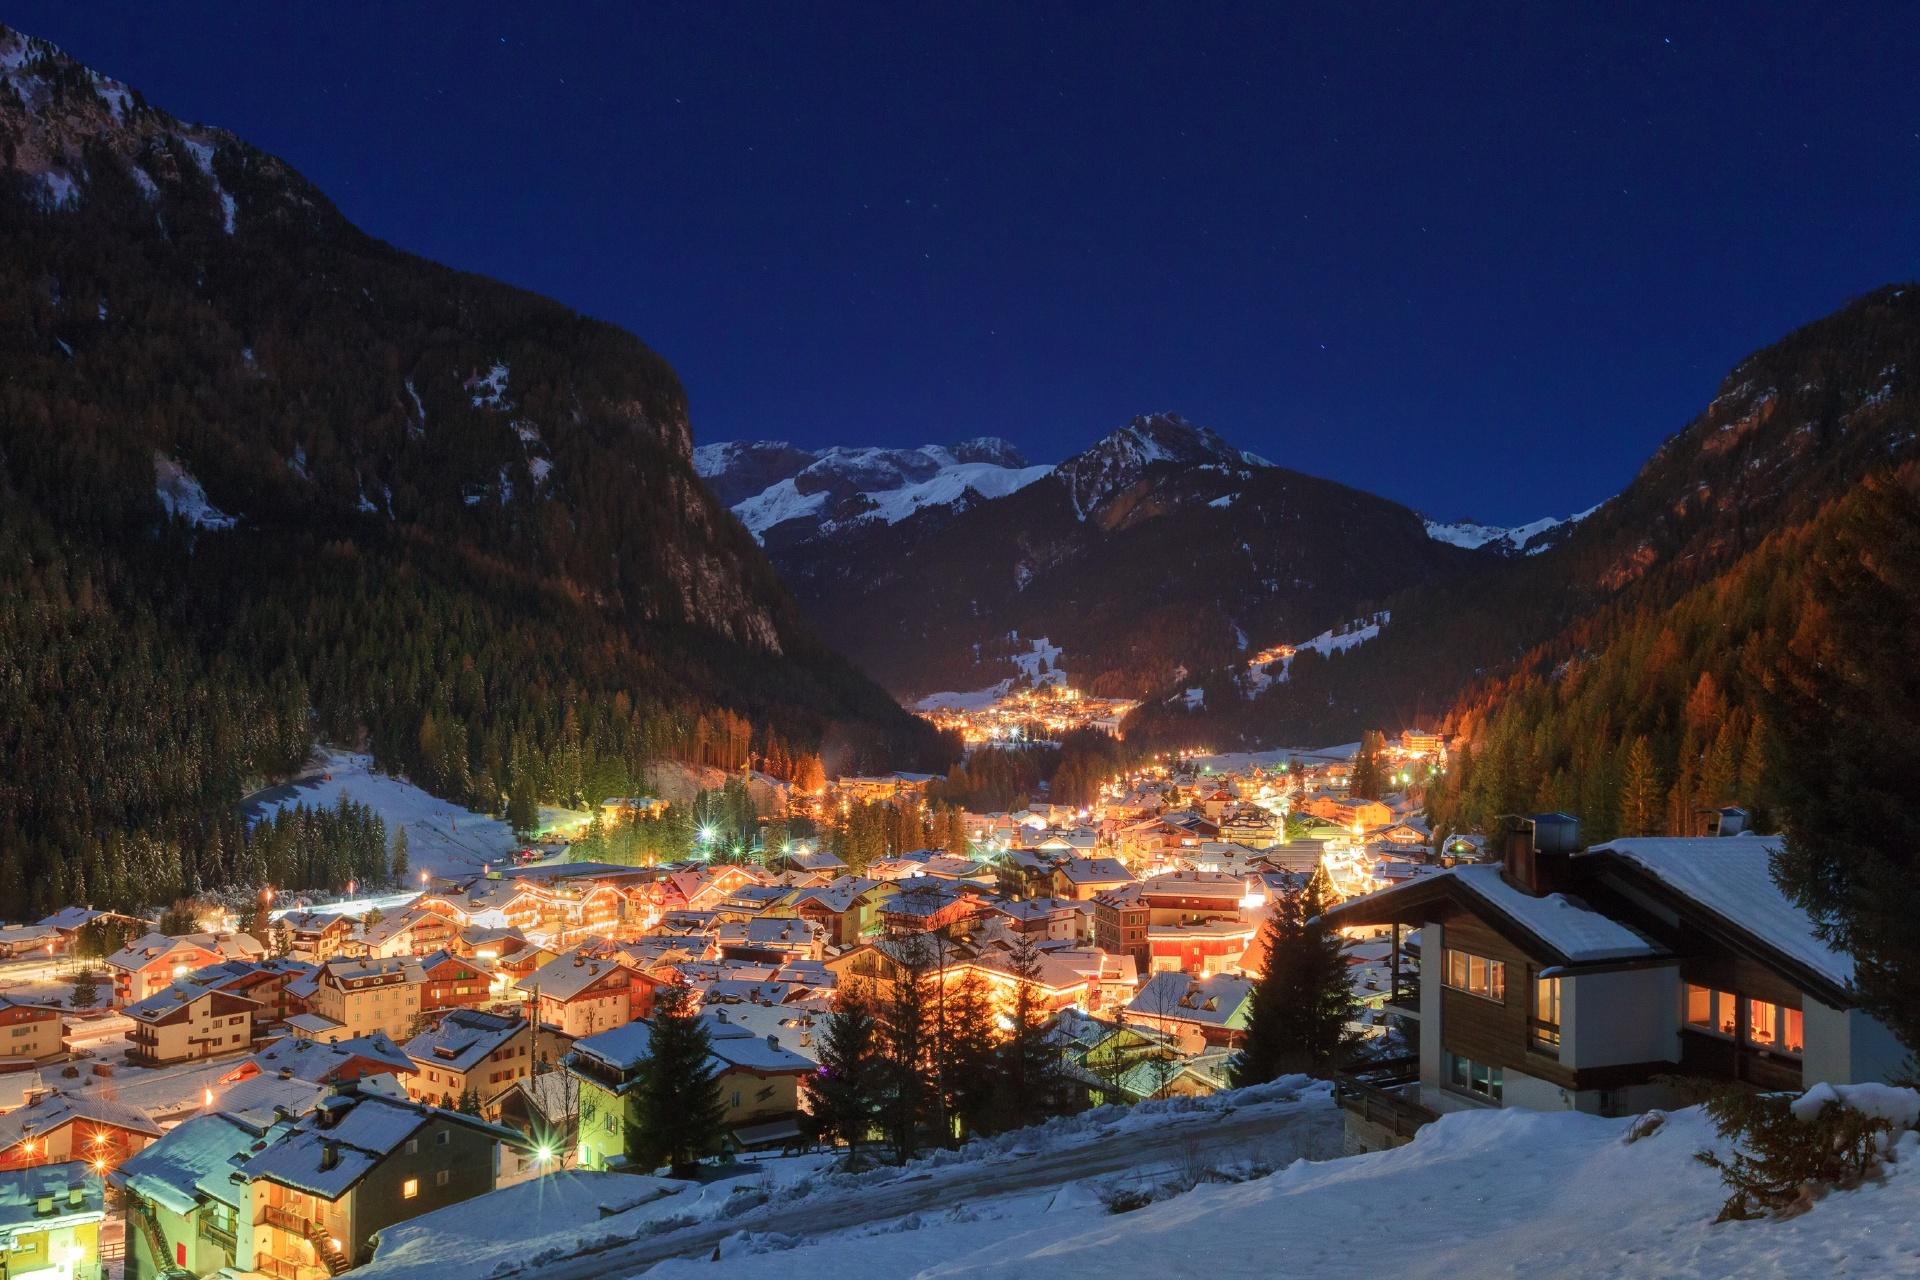 冬の夜のアルプスの風景 イタリアの風景